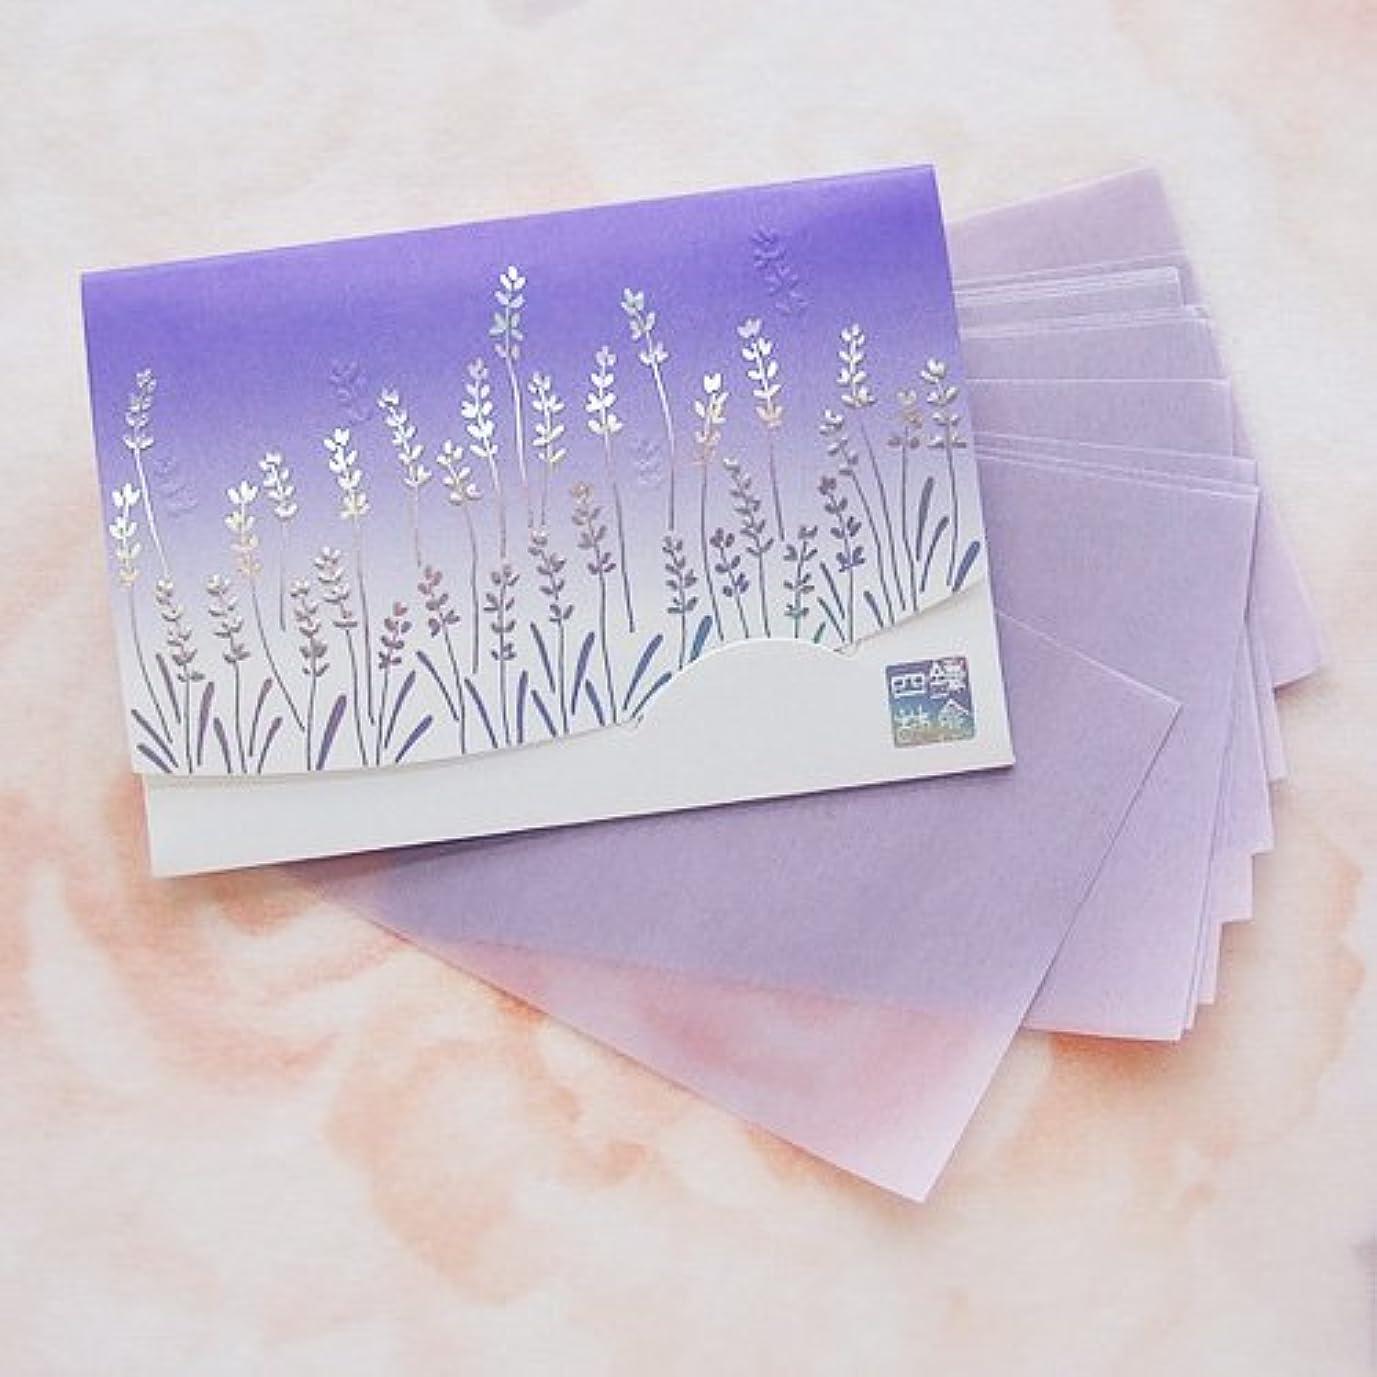 ブッシュ覚えているオーガニック鎌倉四葩のあぶらとり紙 きらめき香りラベンダー 短冊サイズ 20枚入